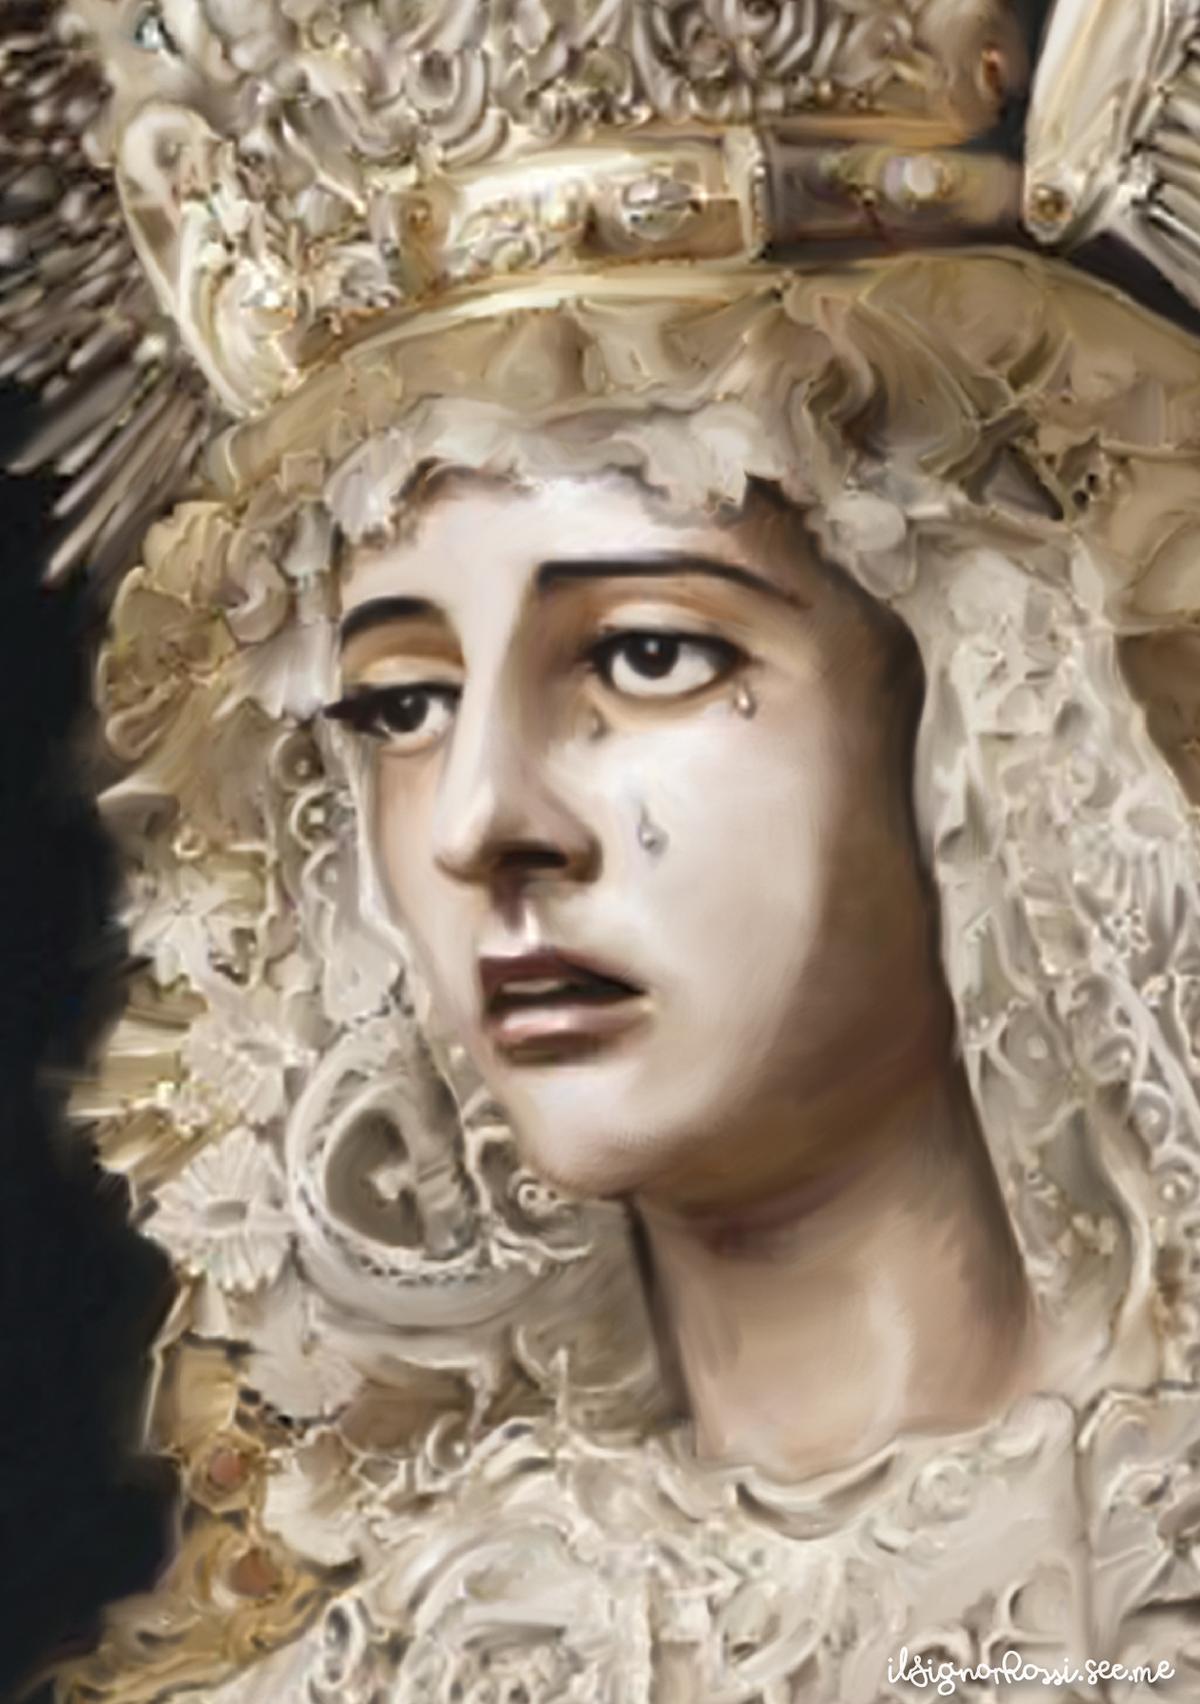 Santísima Virgen María en el misterio de su Inmaculada Concepción (Hdad. del Silencio)